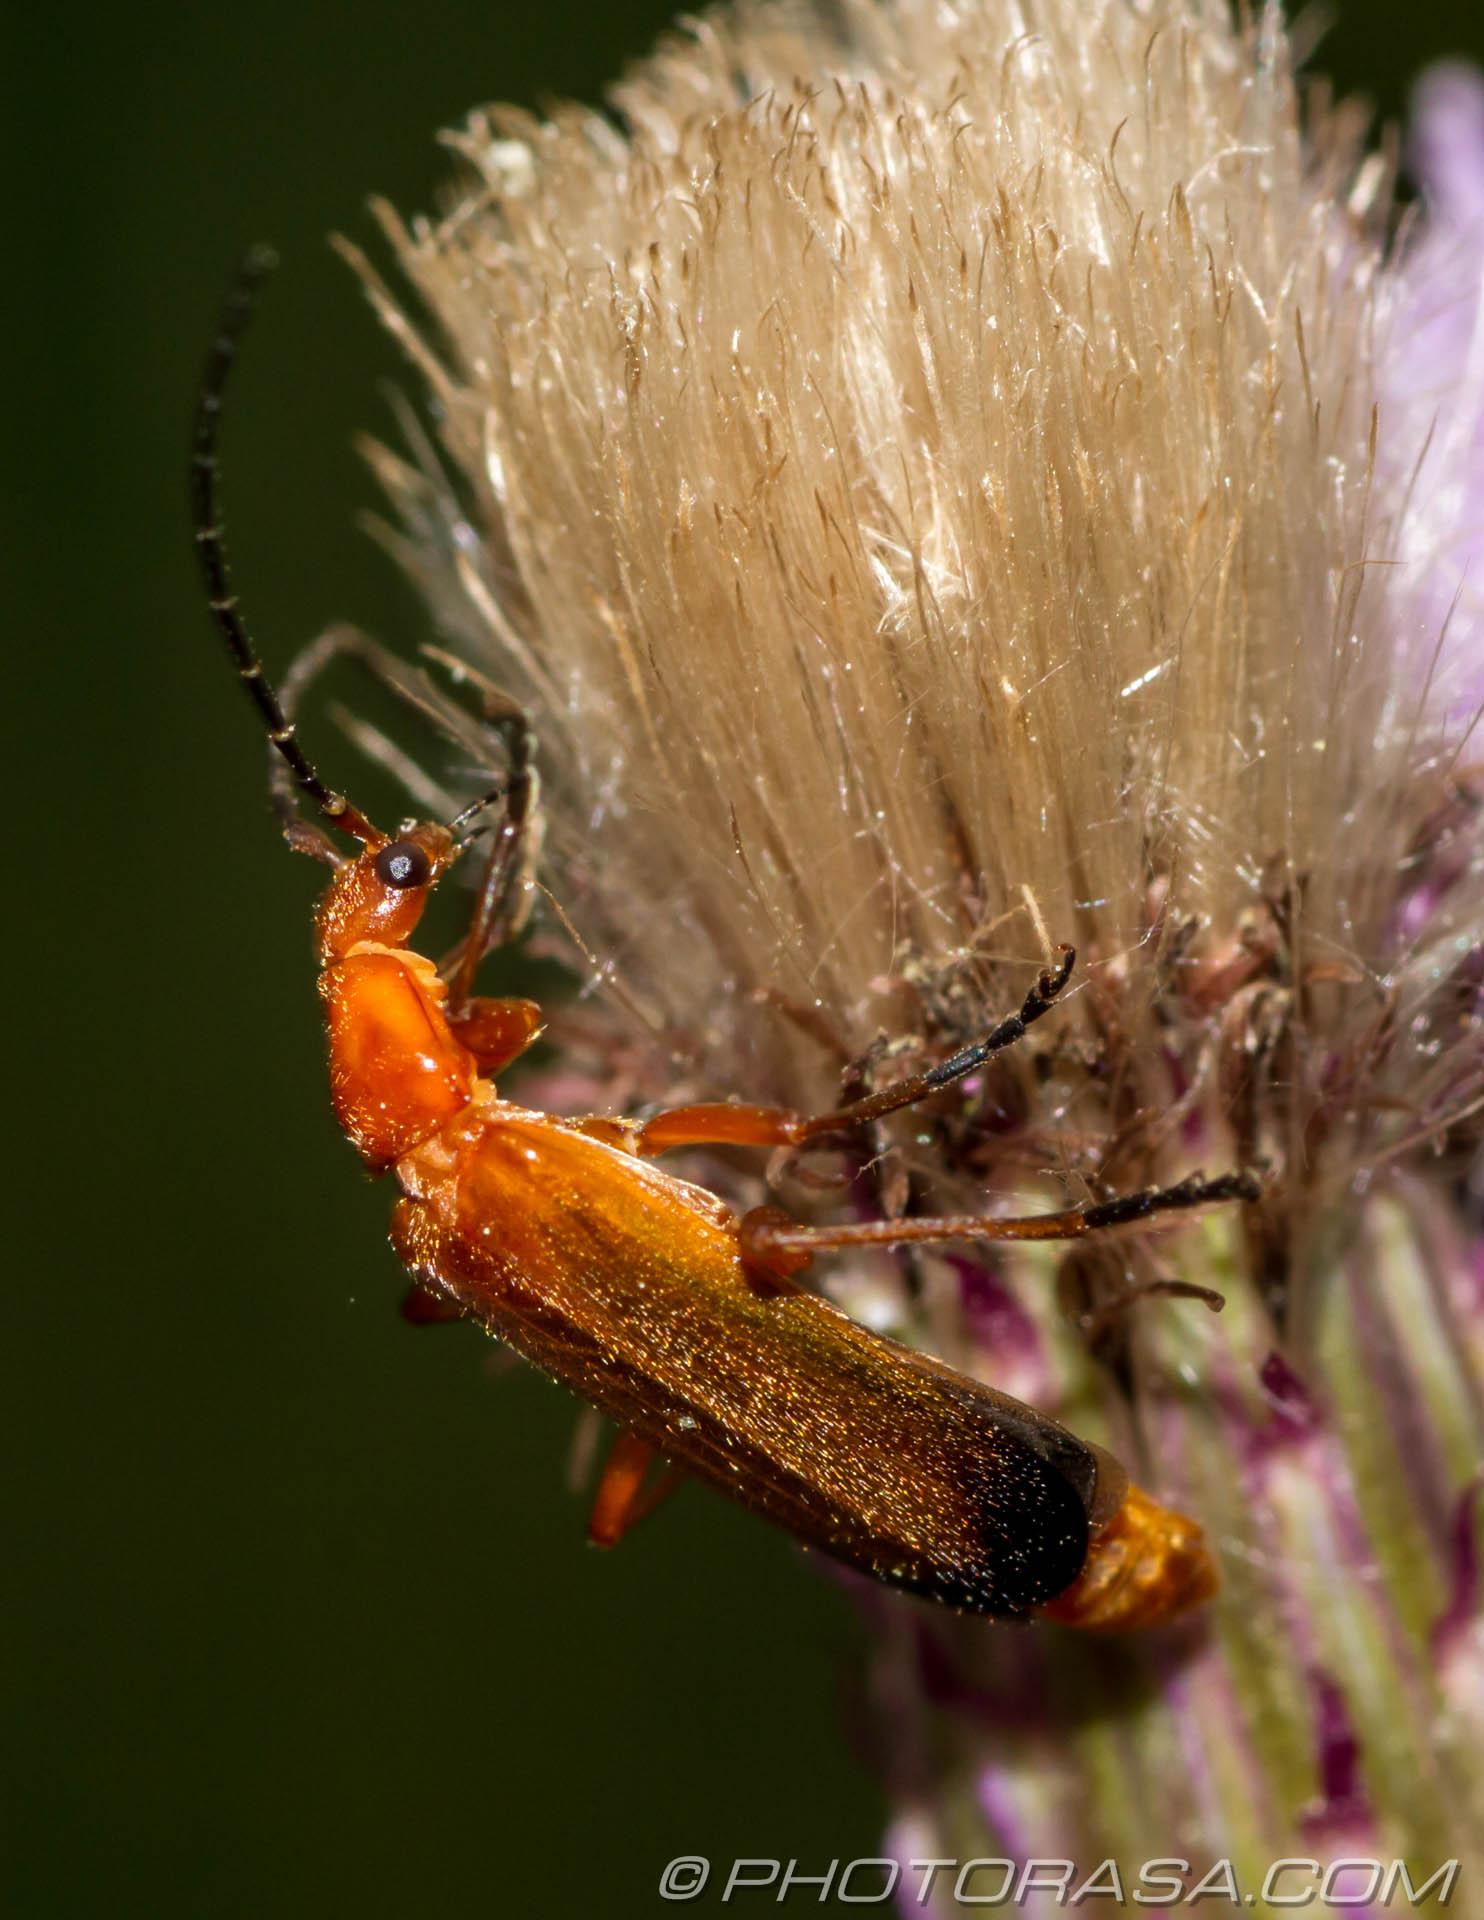 http://photorasa.com/beetles/soldier-beetle-2/